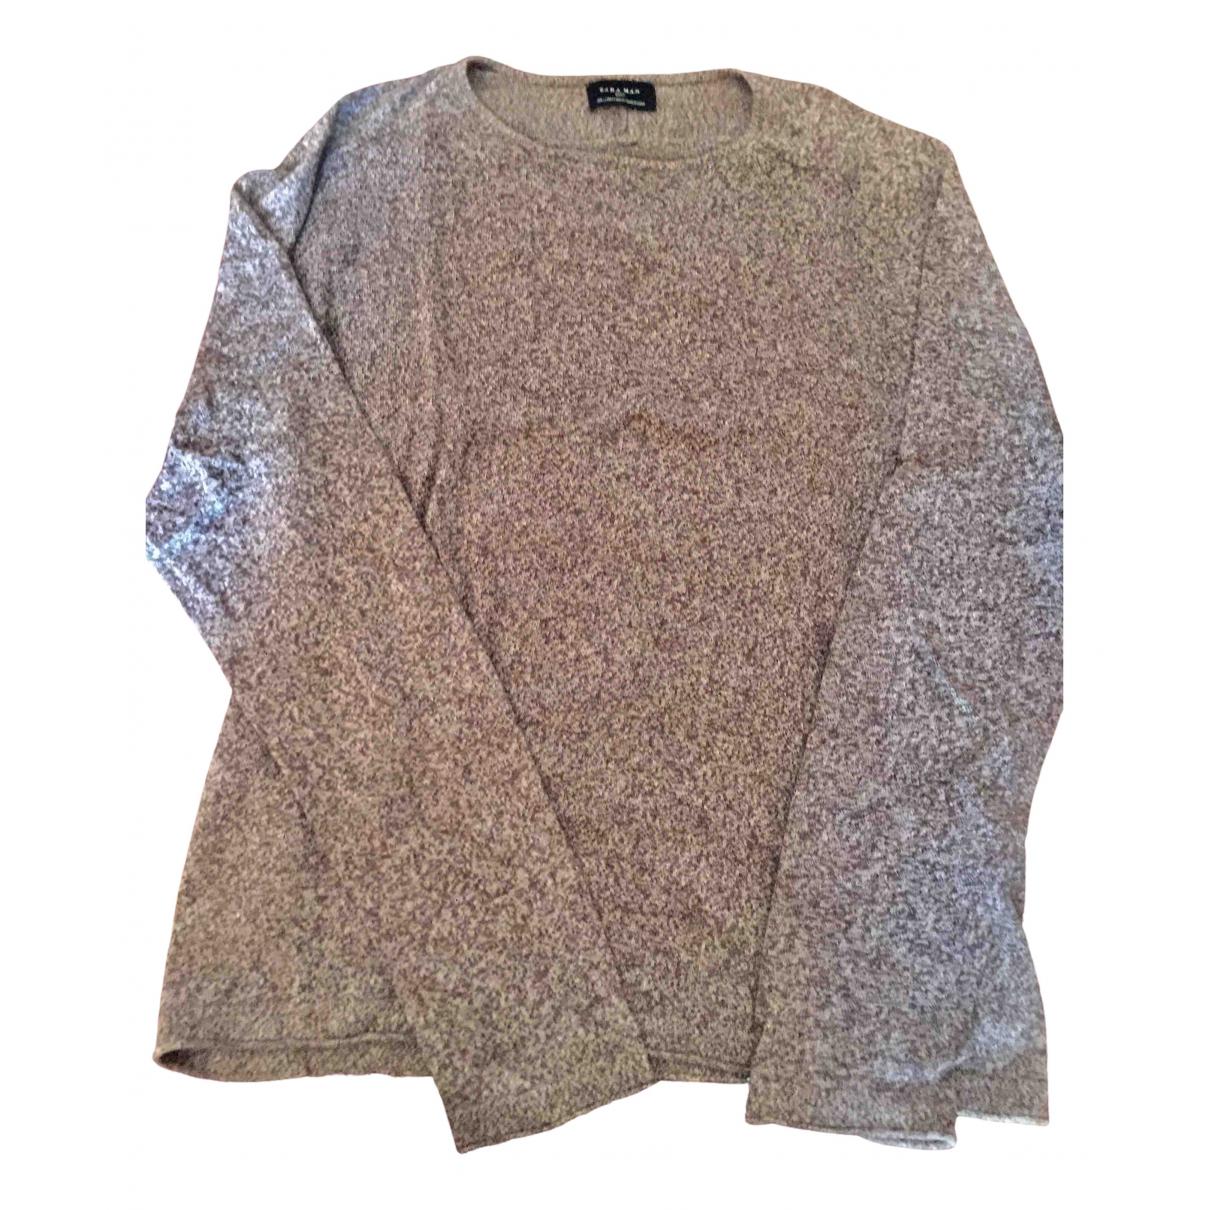 Zara - Pulls.Gilets.Sweats   pour homme en coton - marron